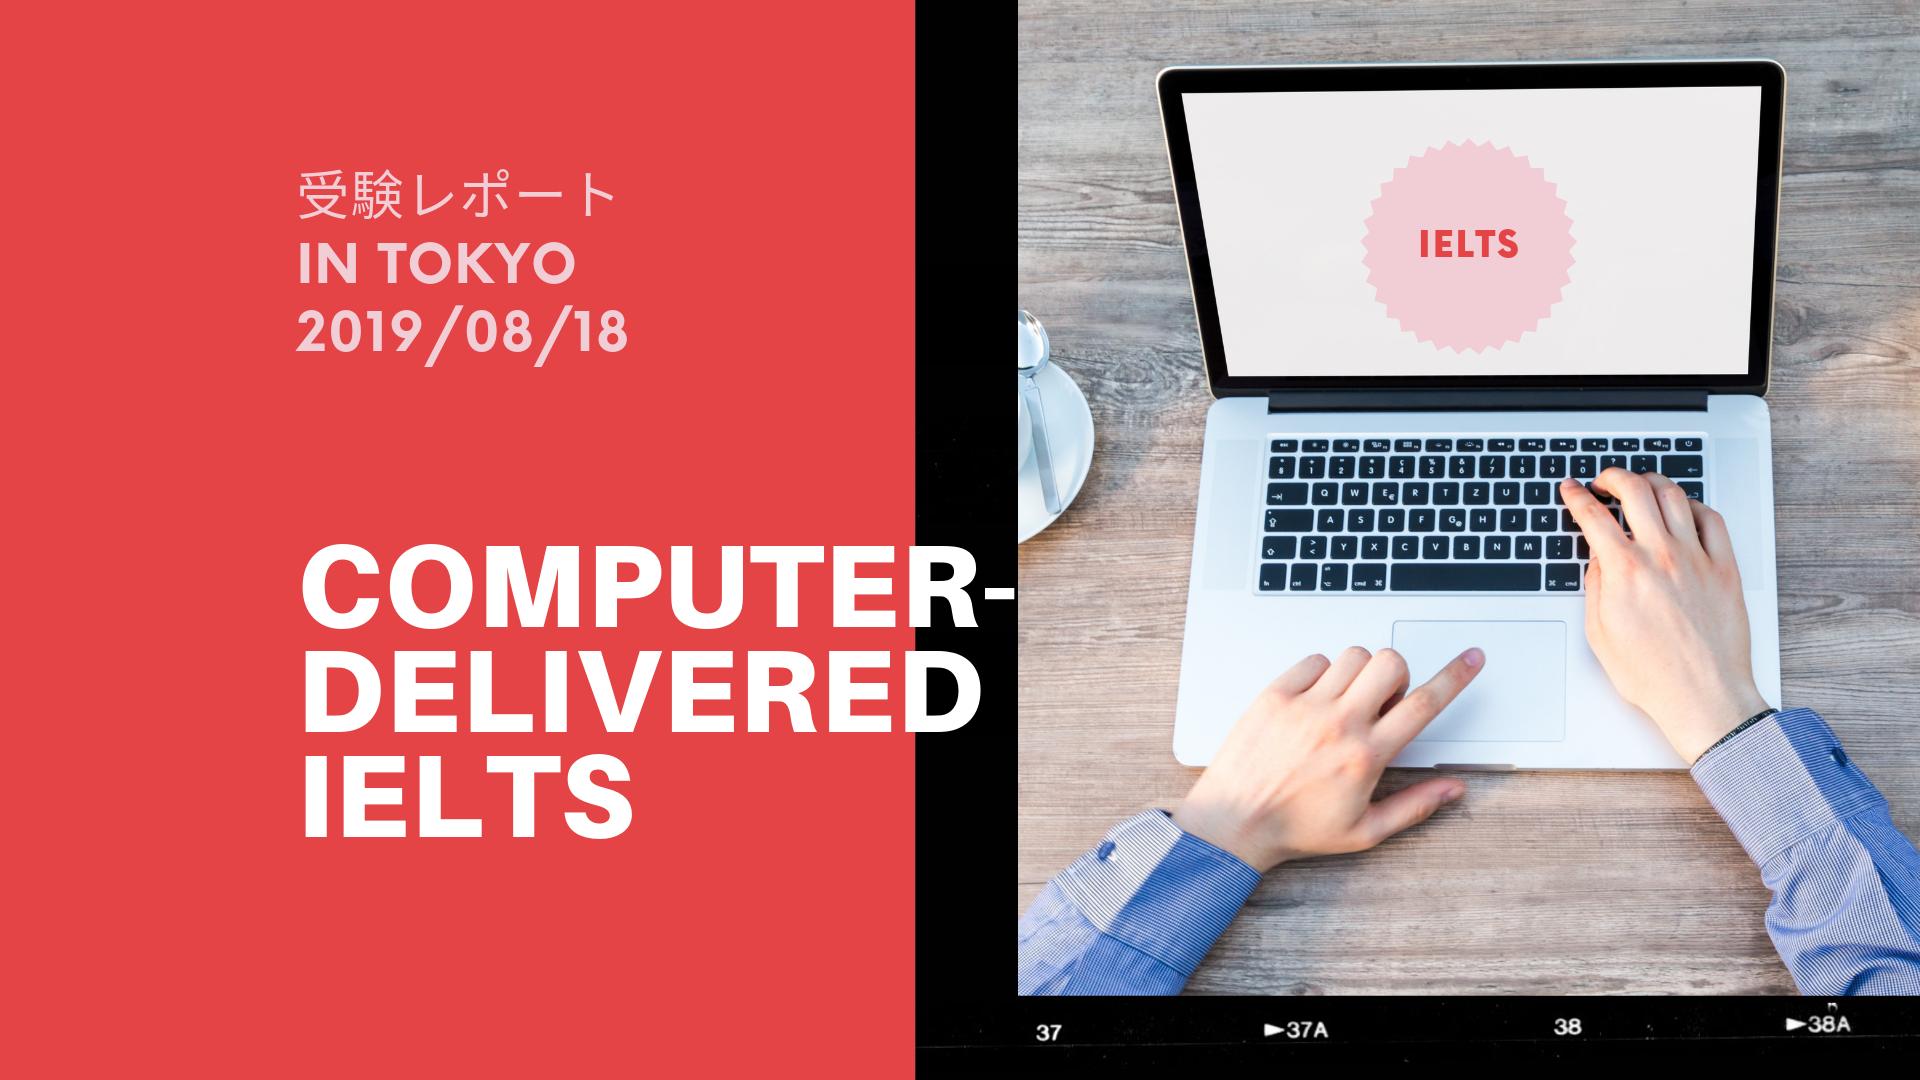 紙よりいい?パソコンで受験できるIELTSを受けた感想【Computer-delivererd IELTS in 東京】